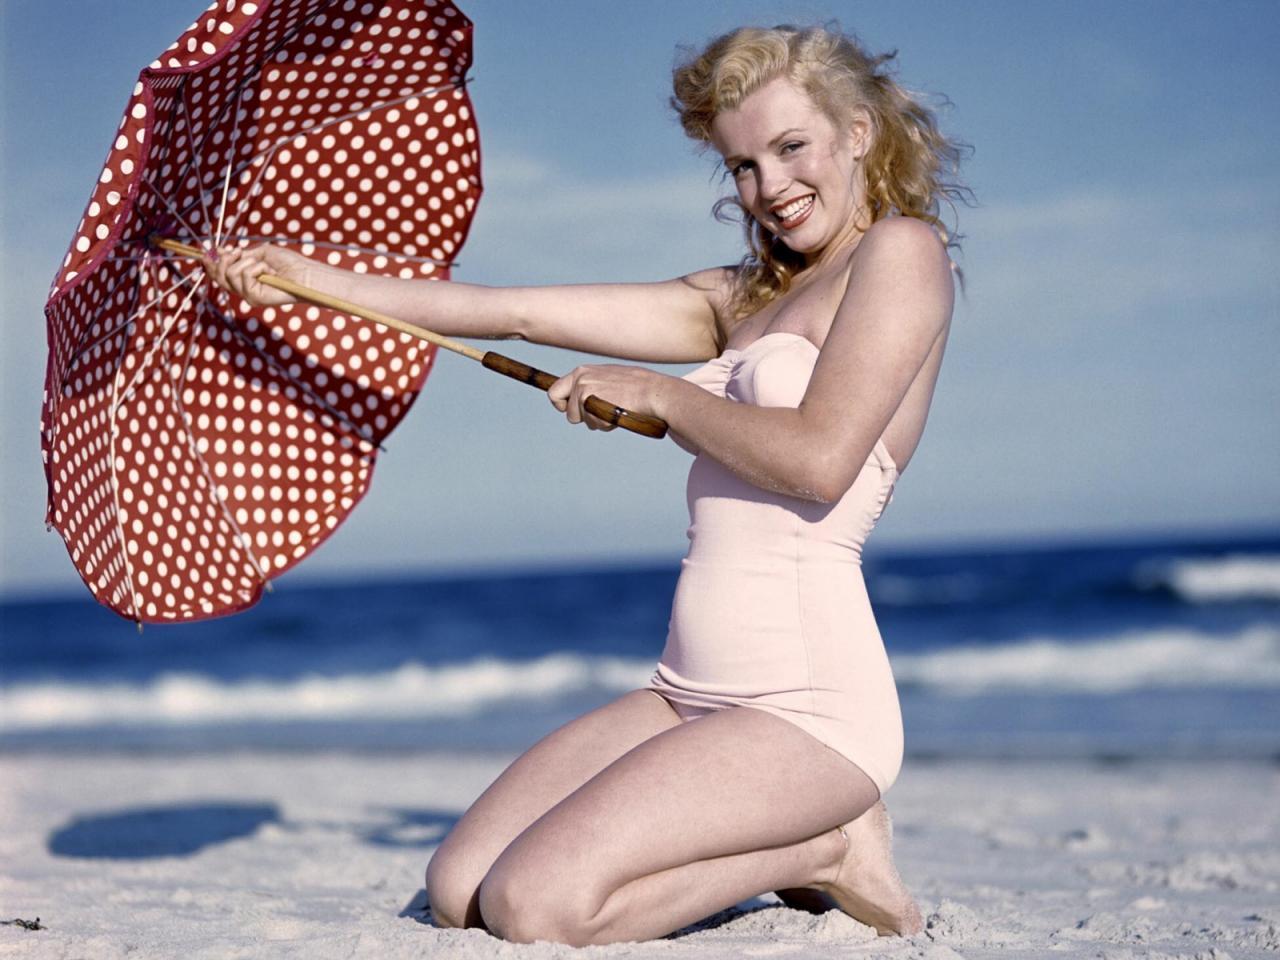 http://3.bp.blogspot.com/-rXY52P_Jd_8/ToRfDOE_hSI/AAAAAAAACiA/TIdT5ItWTiA/s1600/Marilyn_Monroe+%25281%2529.jpg